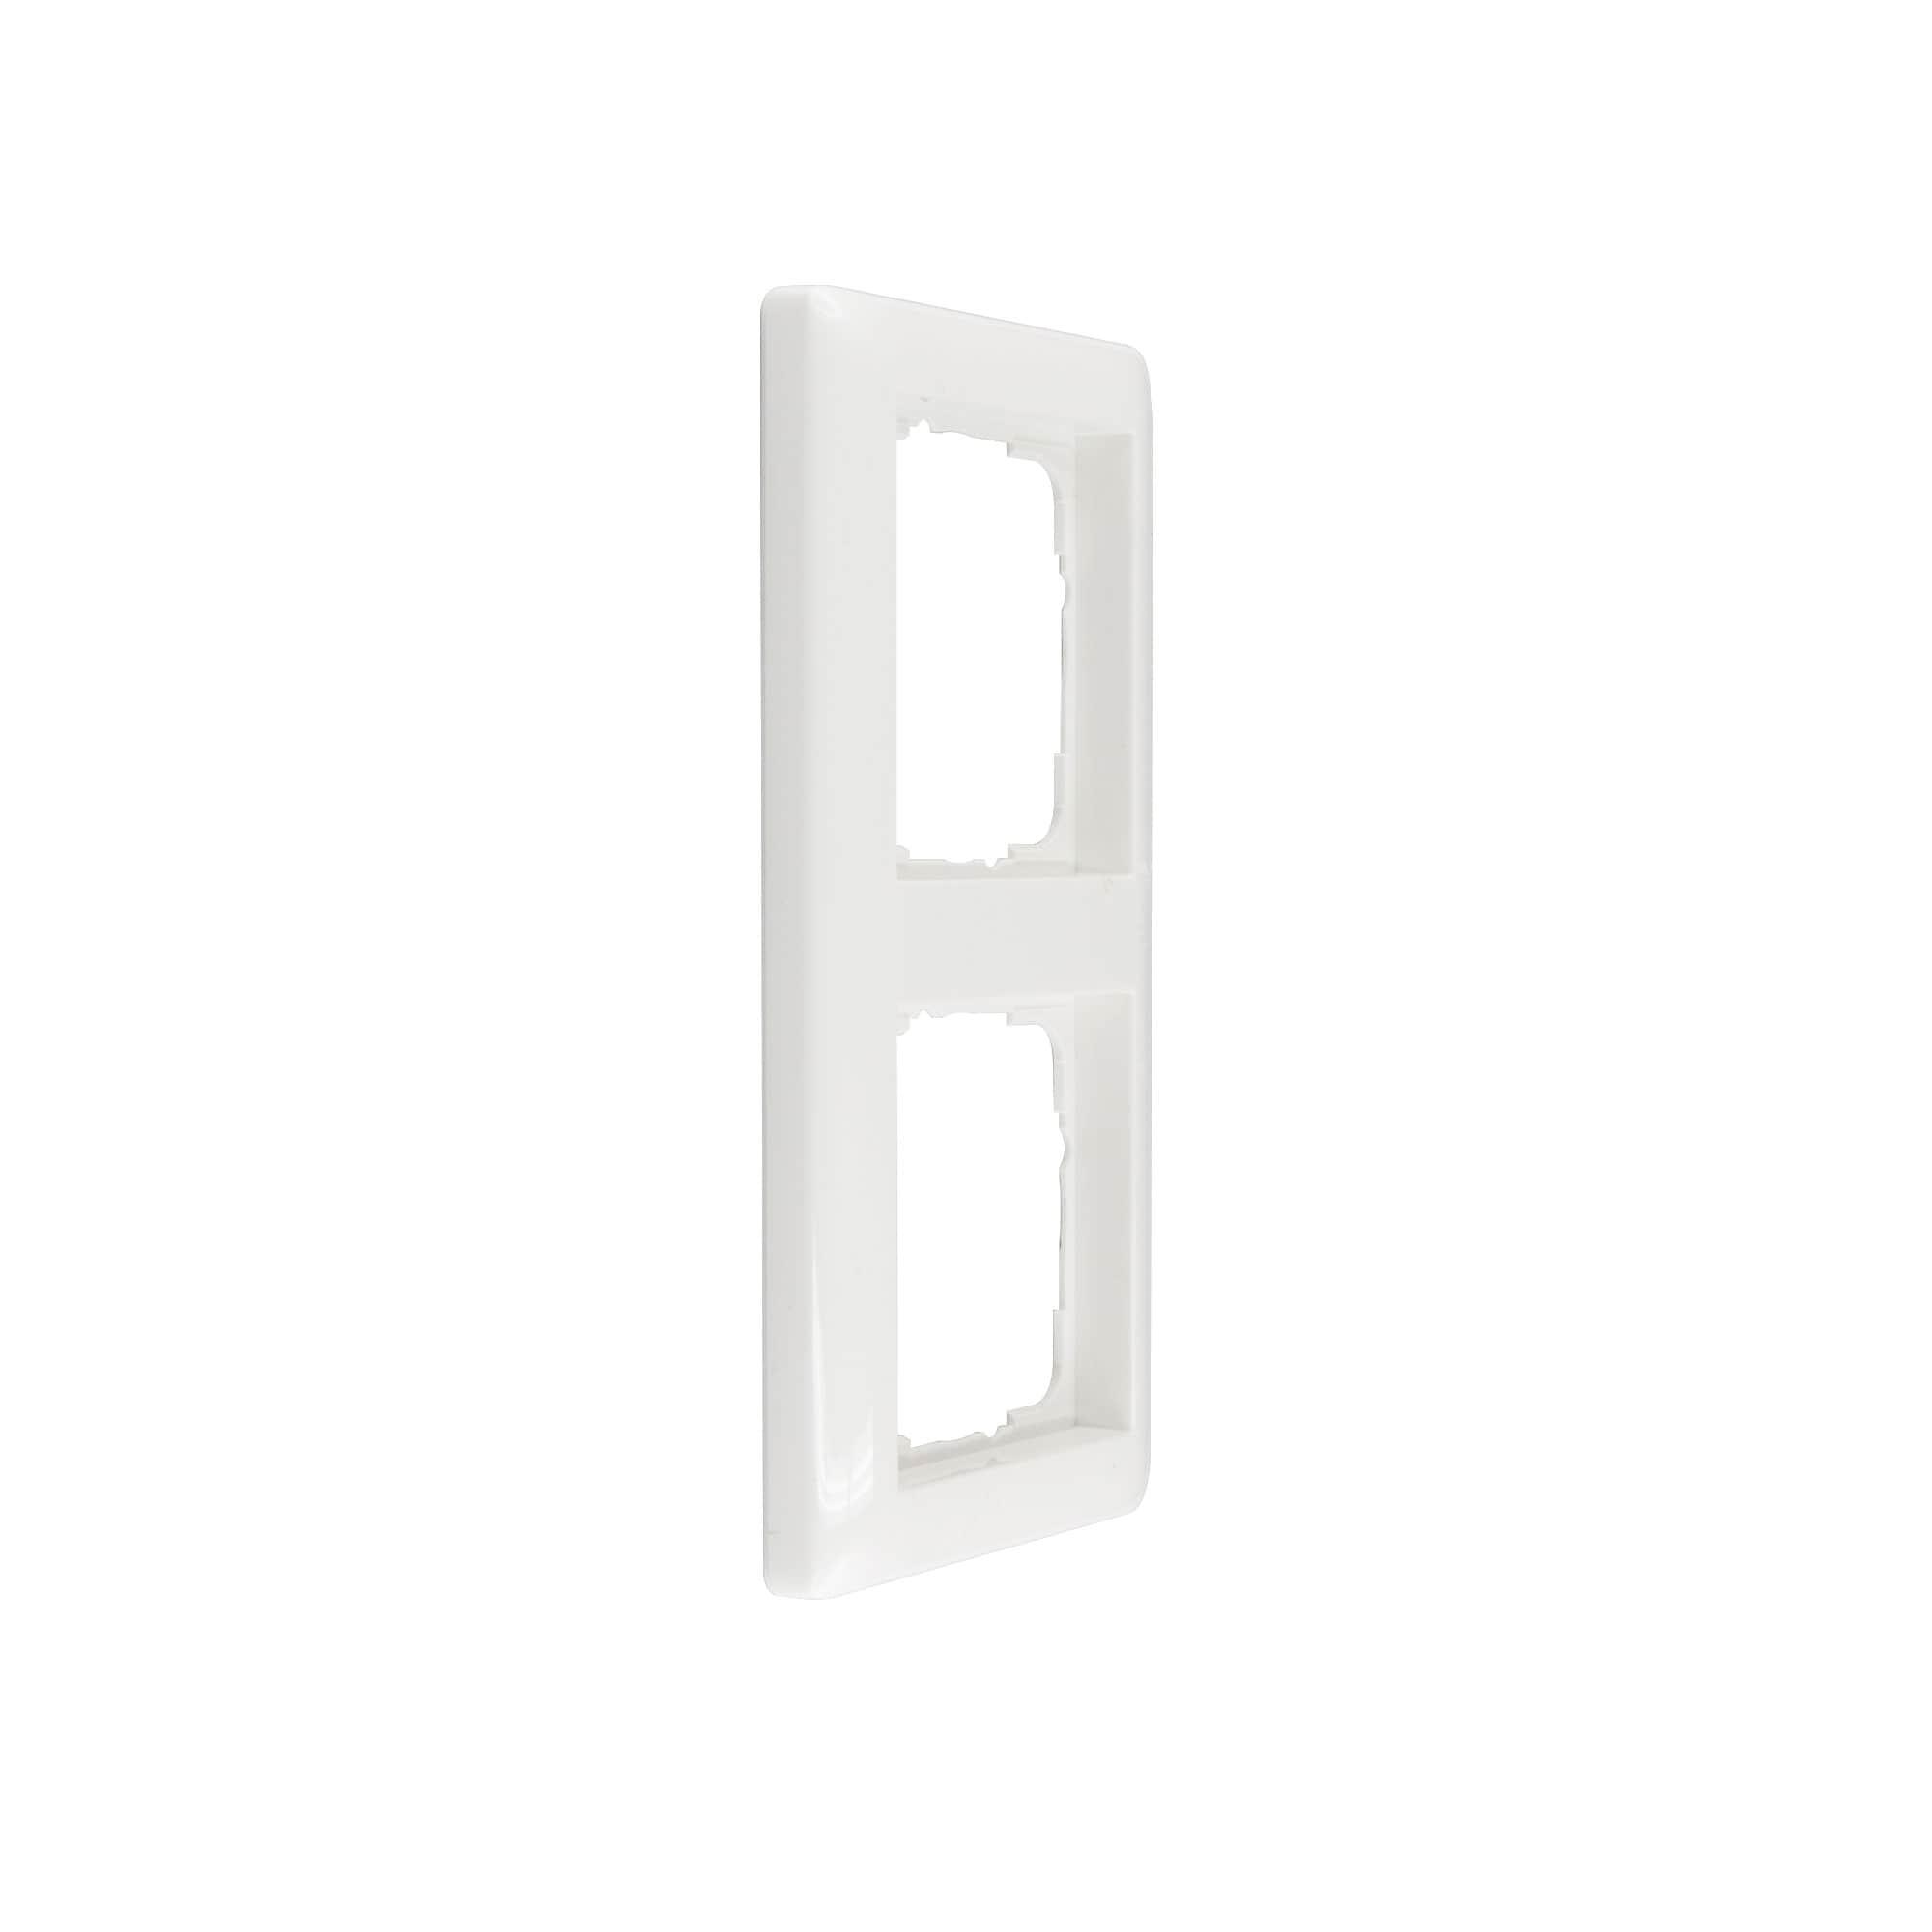 gira system 55 rahmen schalter wippe steckdose einsatz. Black Bedroom Furniture Sets. Home Design Ideas